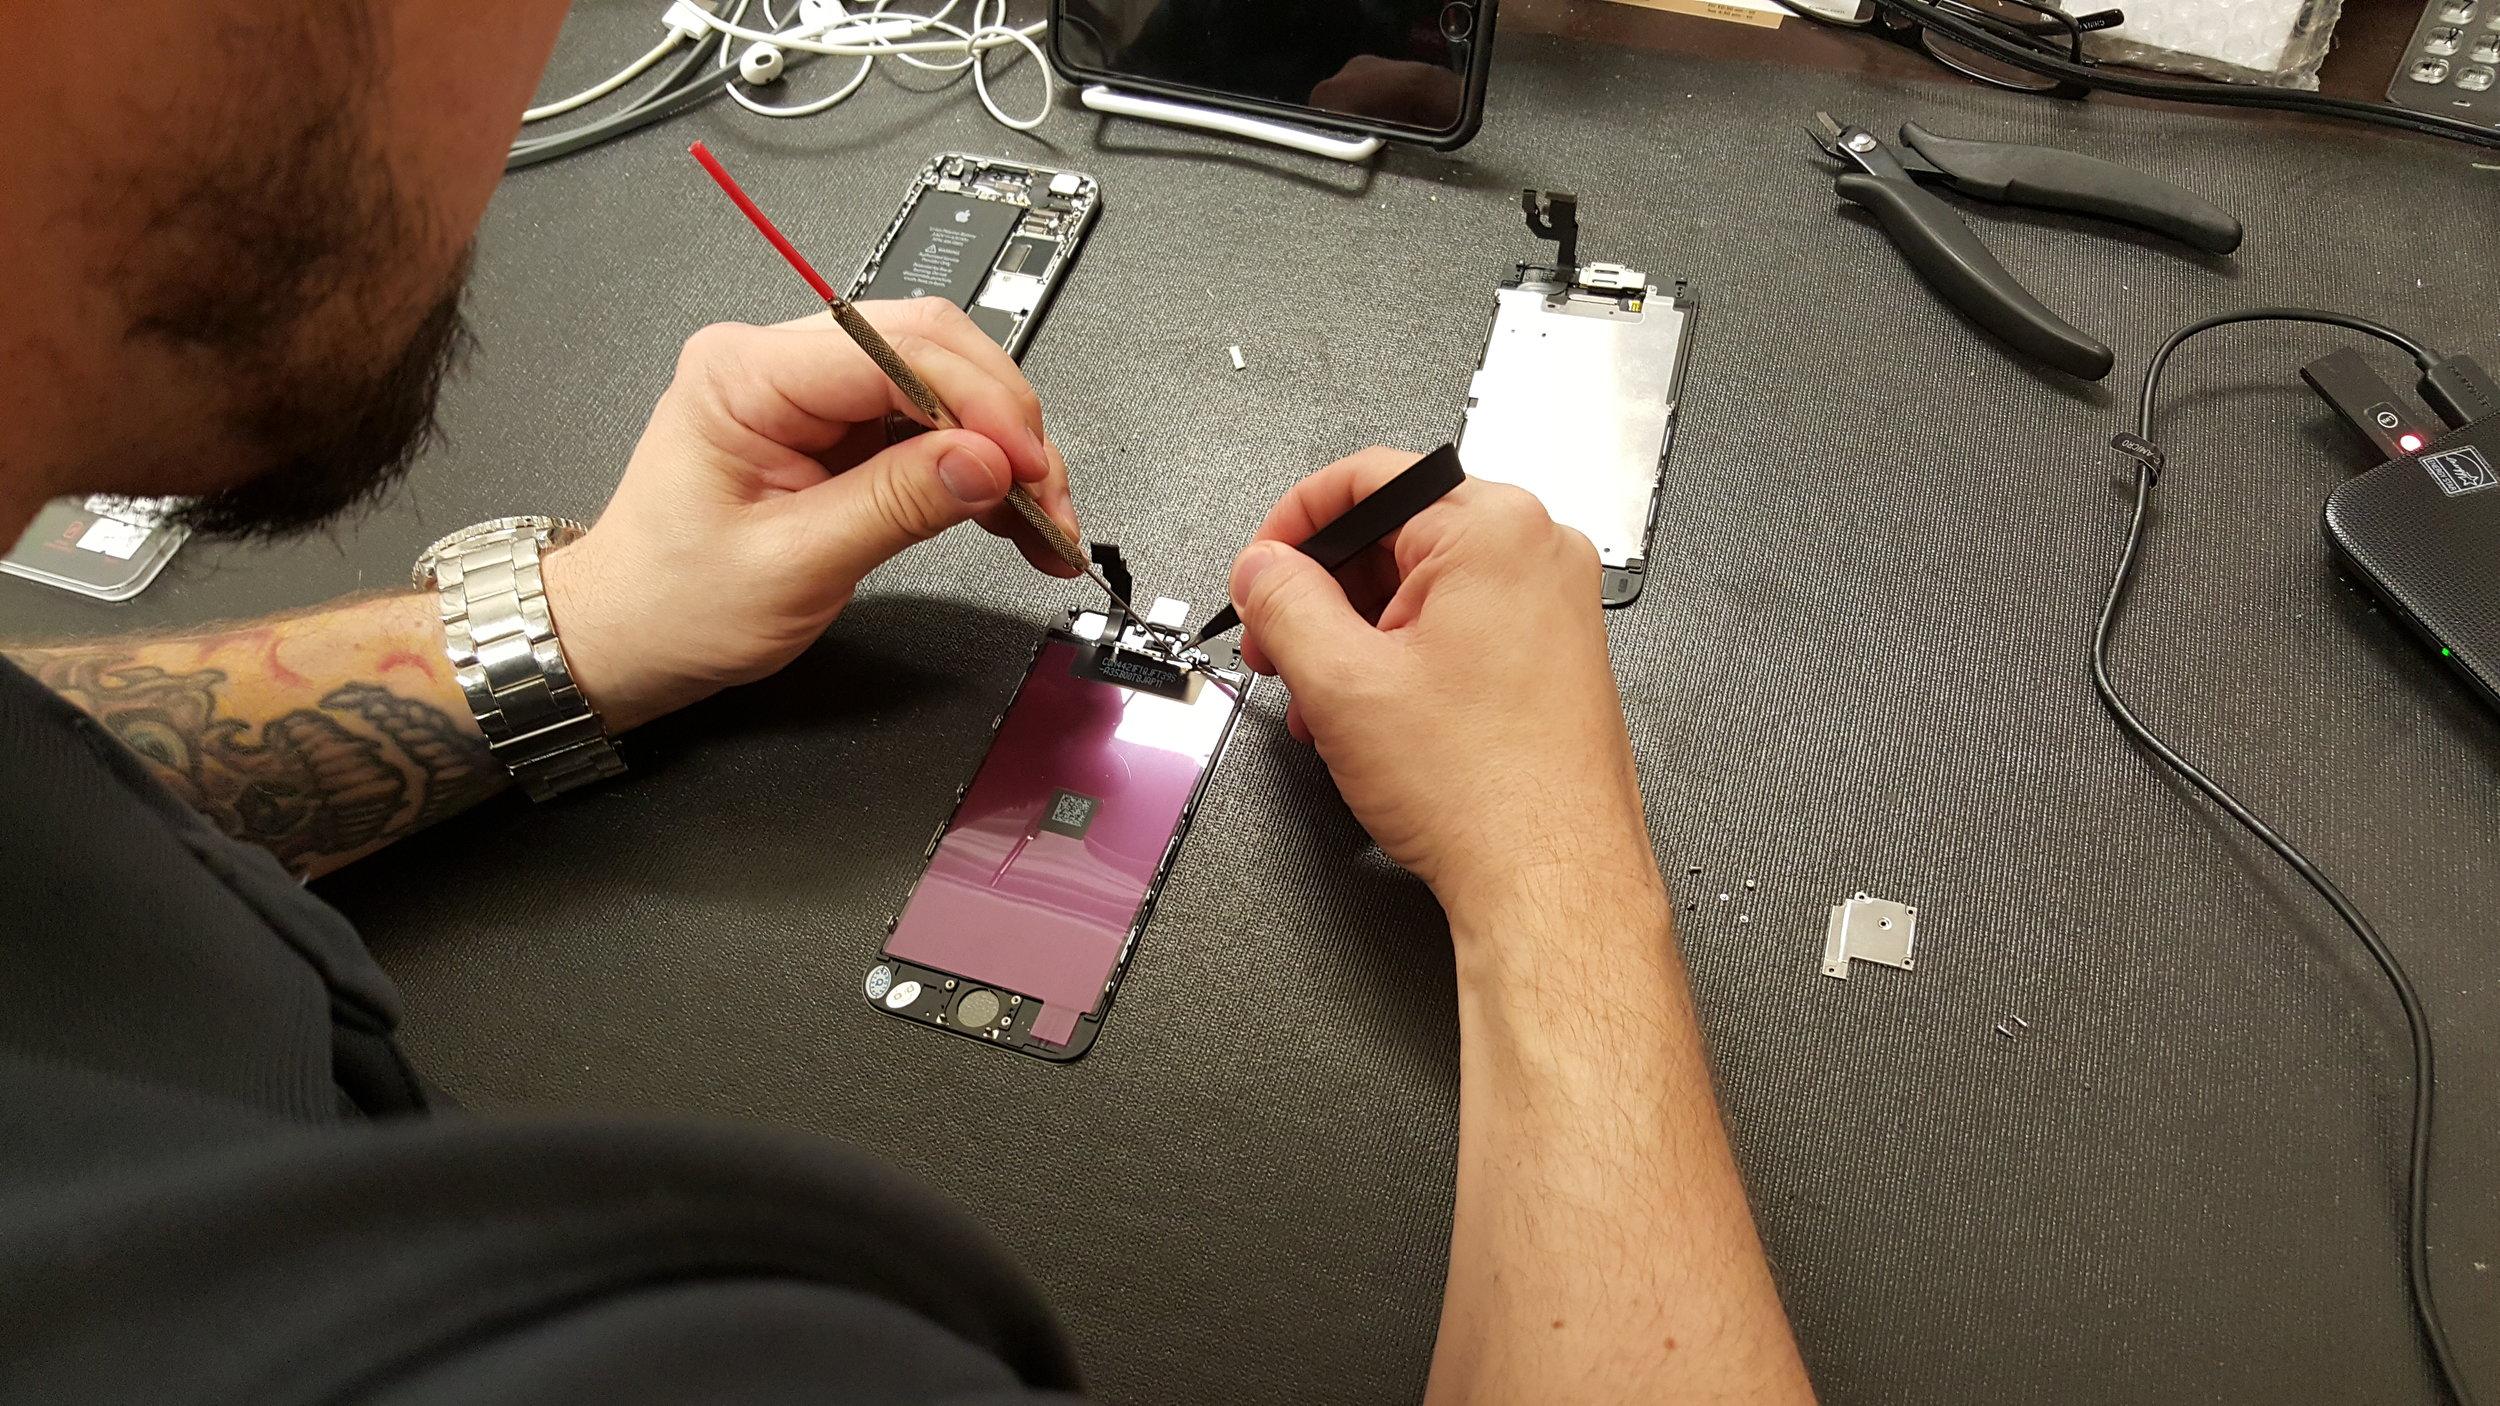 phonedoc-mandeville-iphone-6-screen-repair.jpg